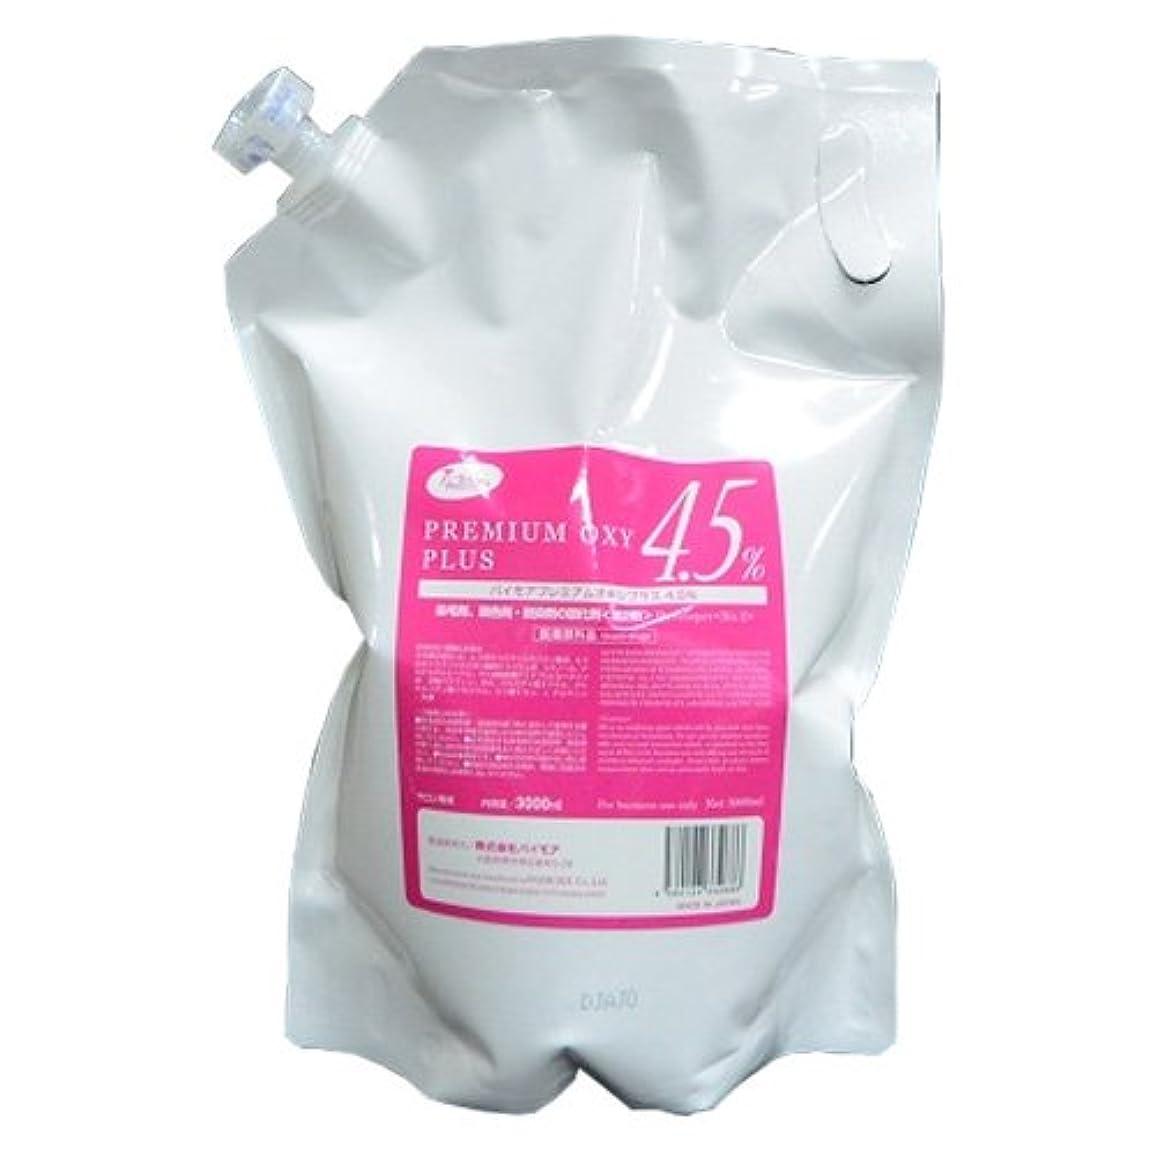 植物のを必要としていますブラシパイモア プレミアムオキシプラス 4.5%(レフィルタイプ) 3000ml [医薬部外品]